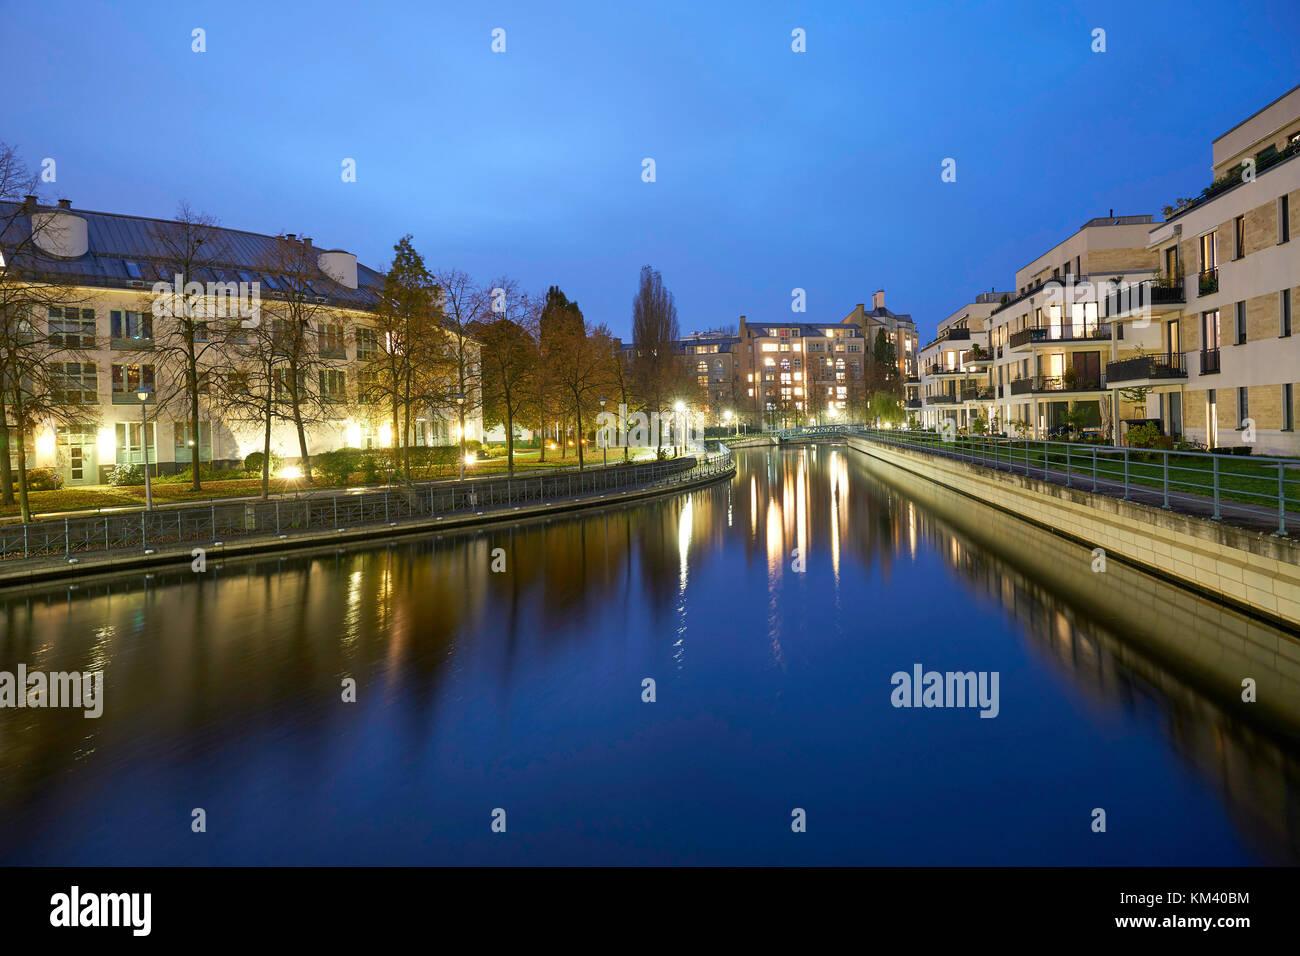 Berlin - Tegeler Hafen - Stock Image